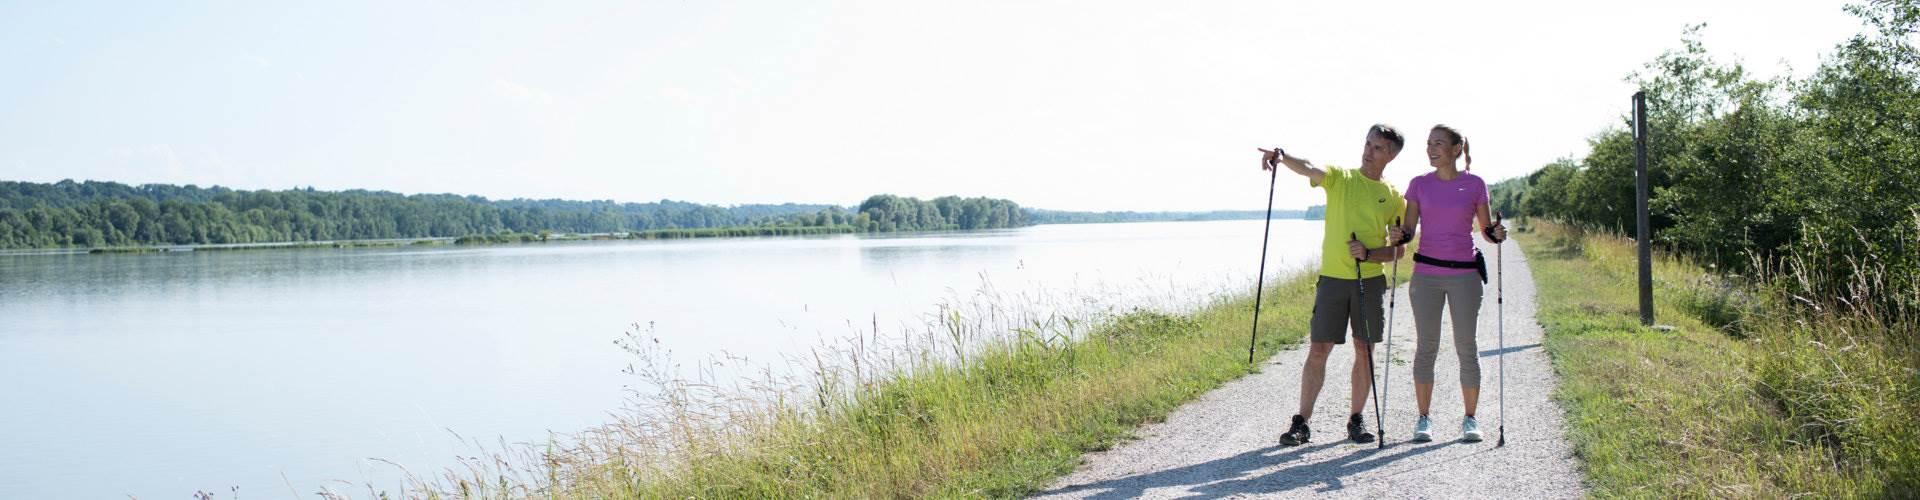 Paar beim Nordic Walking an einem Fluss